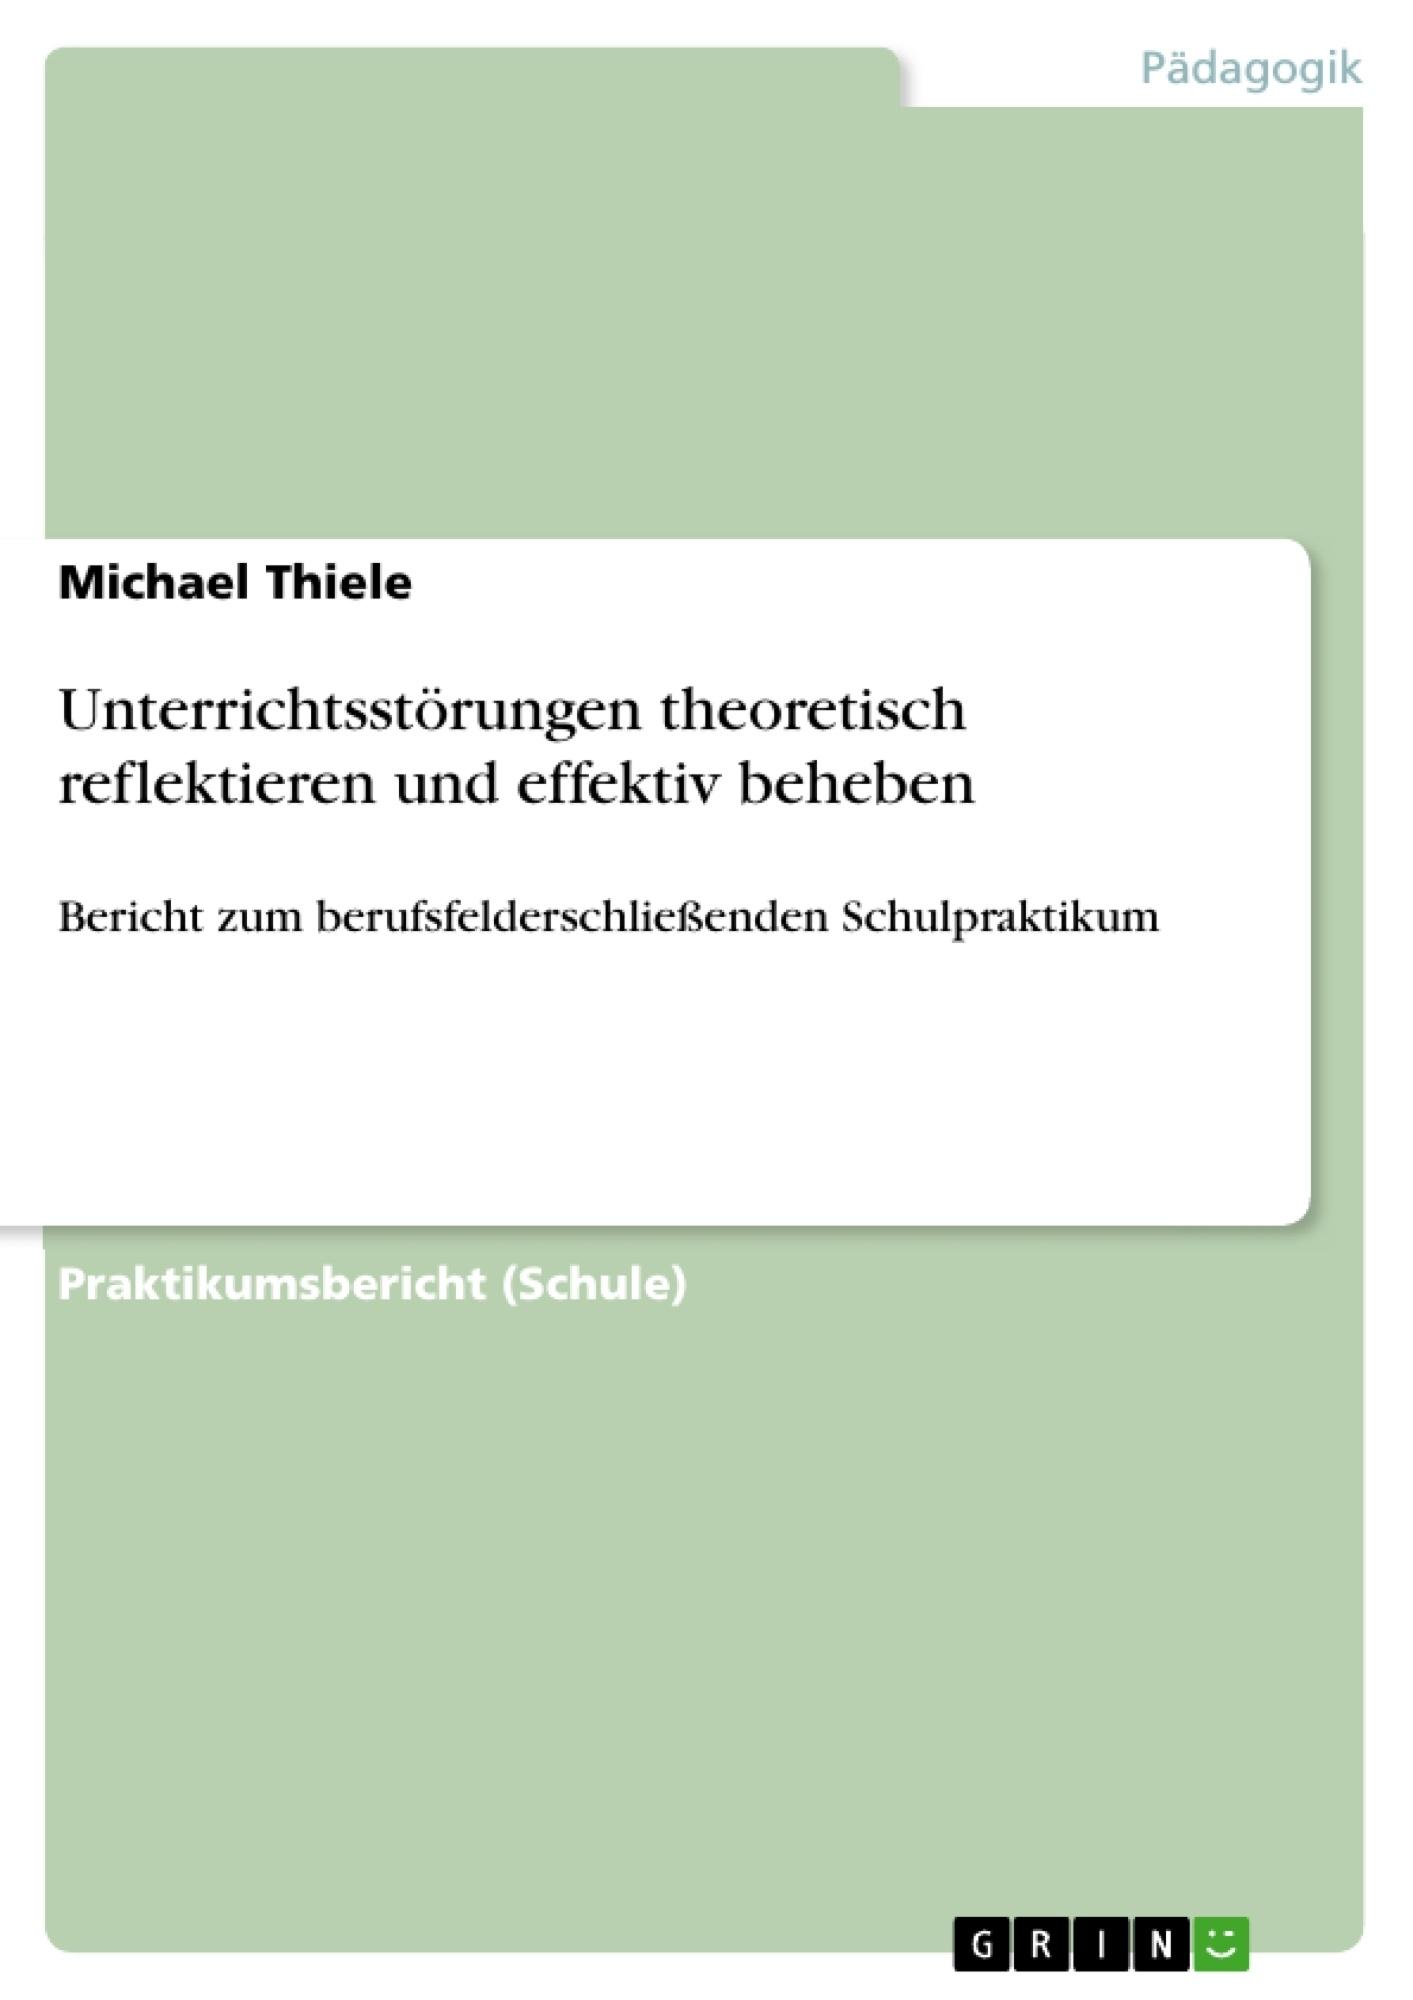 Titel: Unterrichtsstörungen theoretisch reflektieren und effektiv beheben